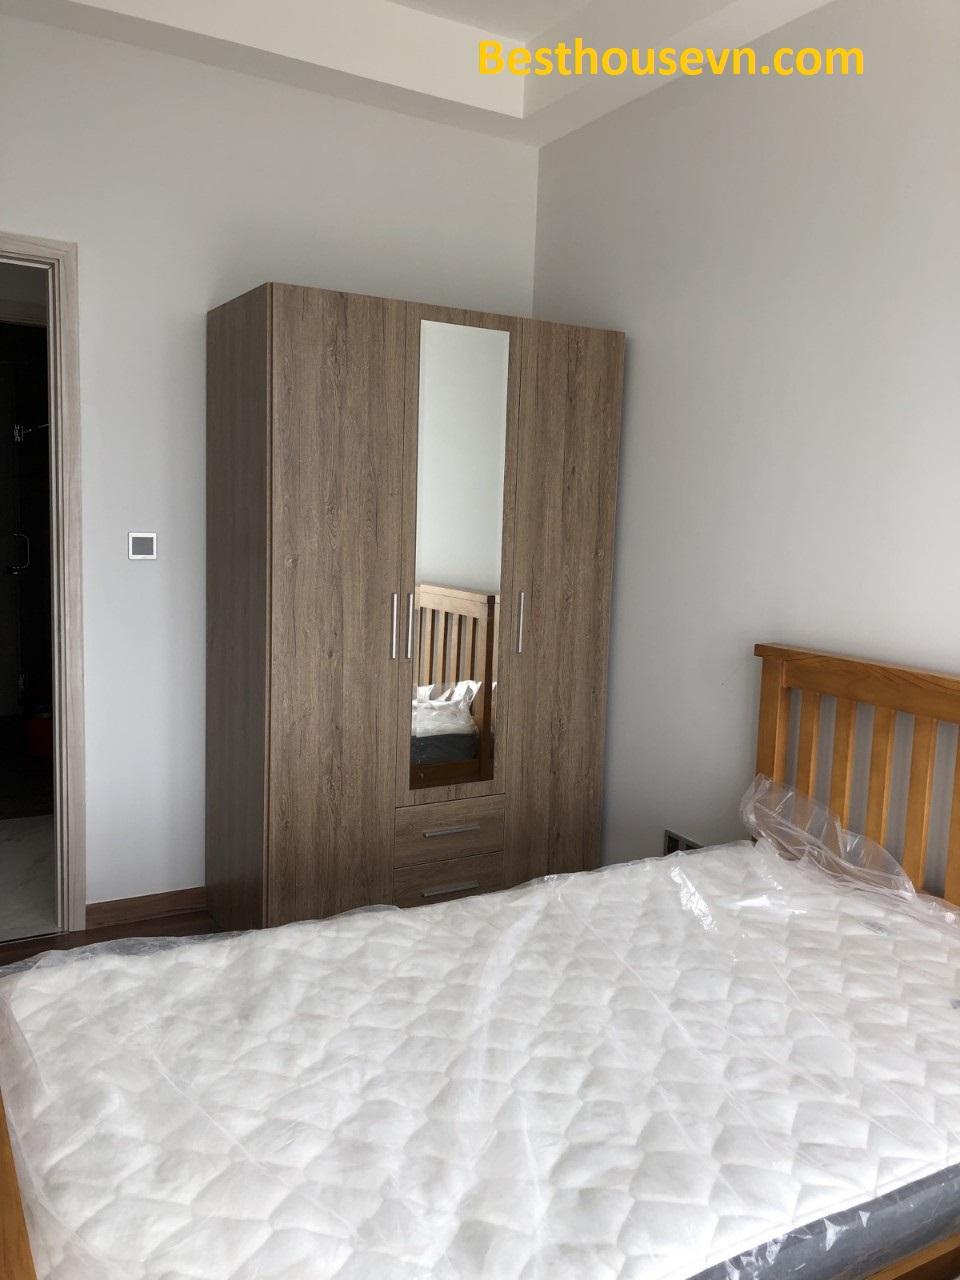 unfurnished-bedroom